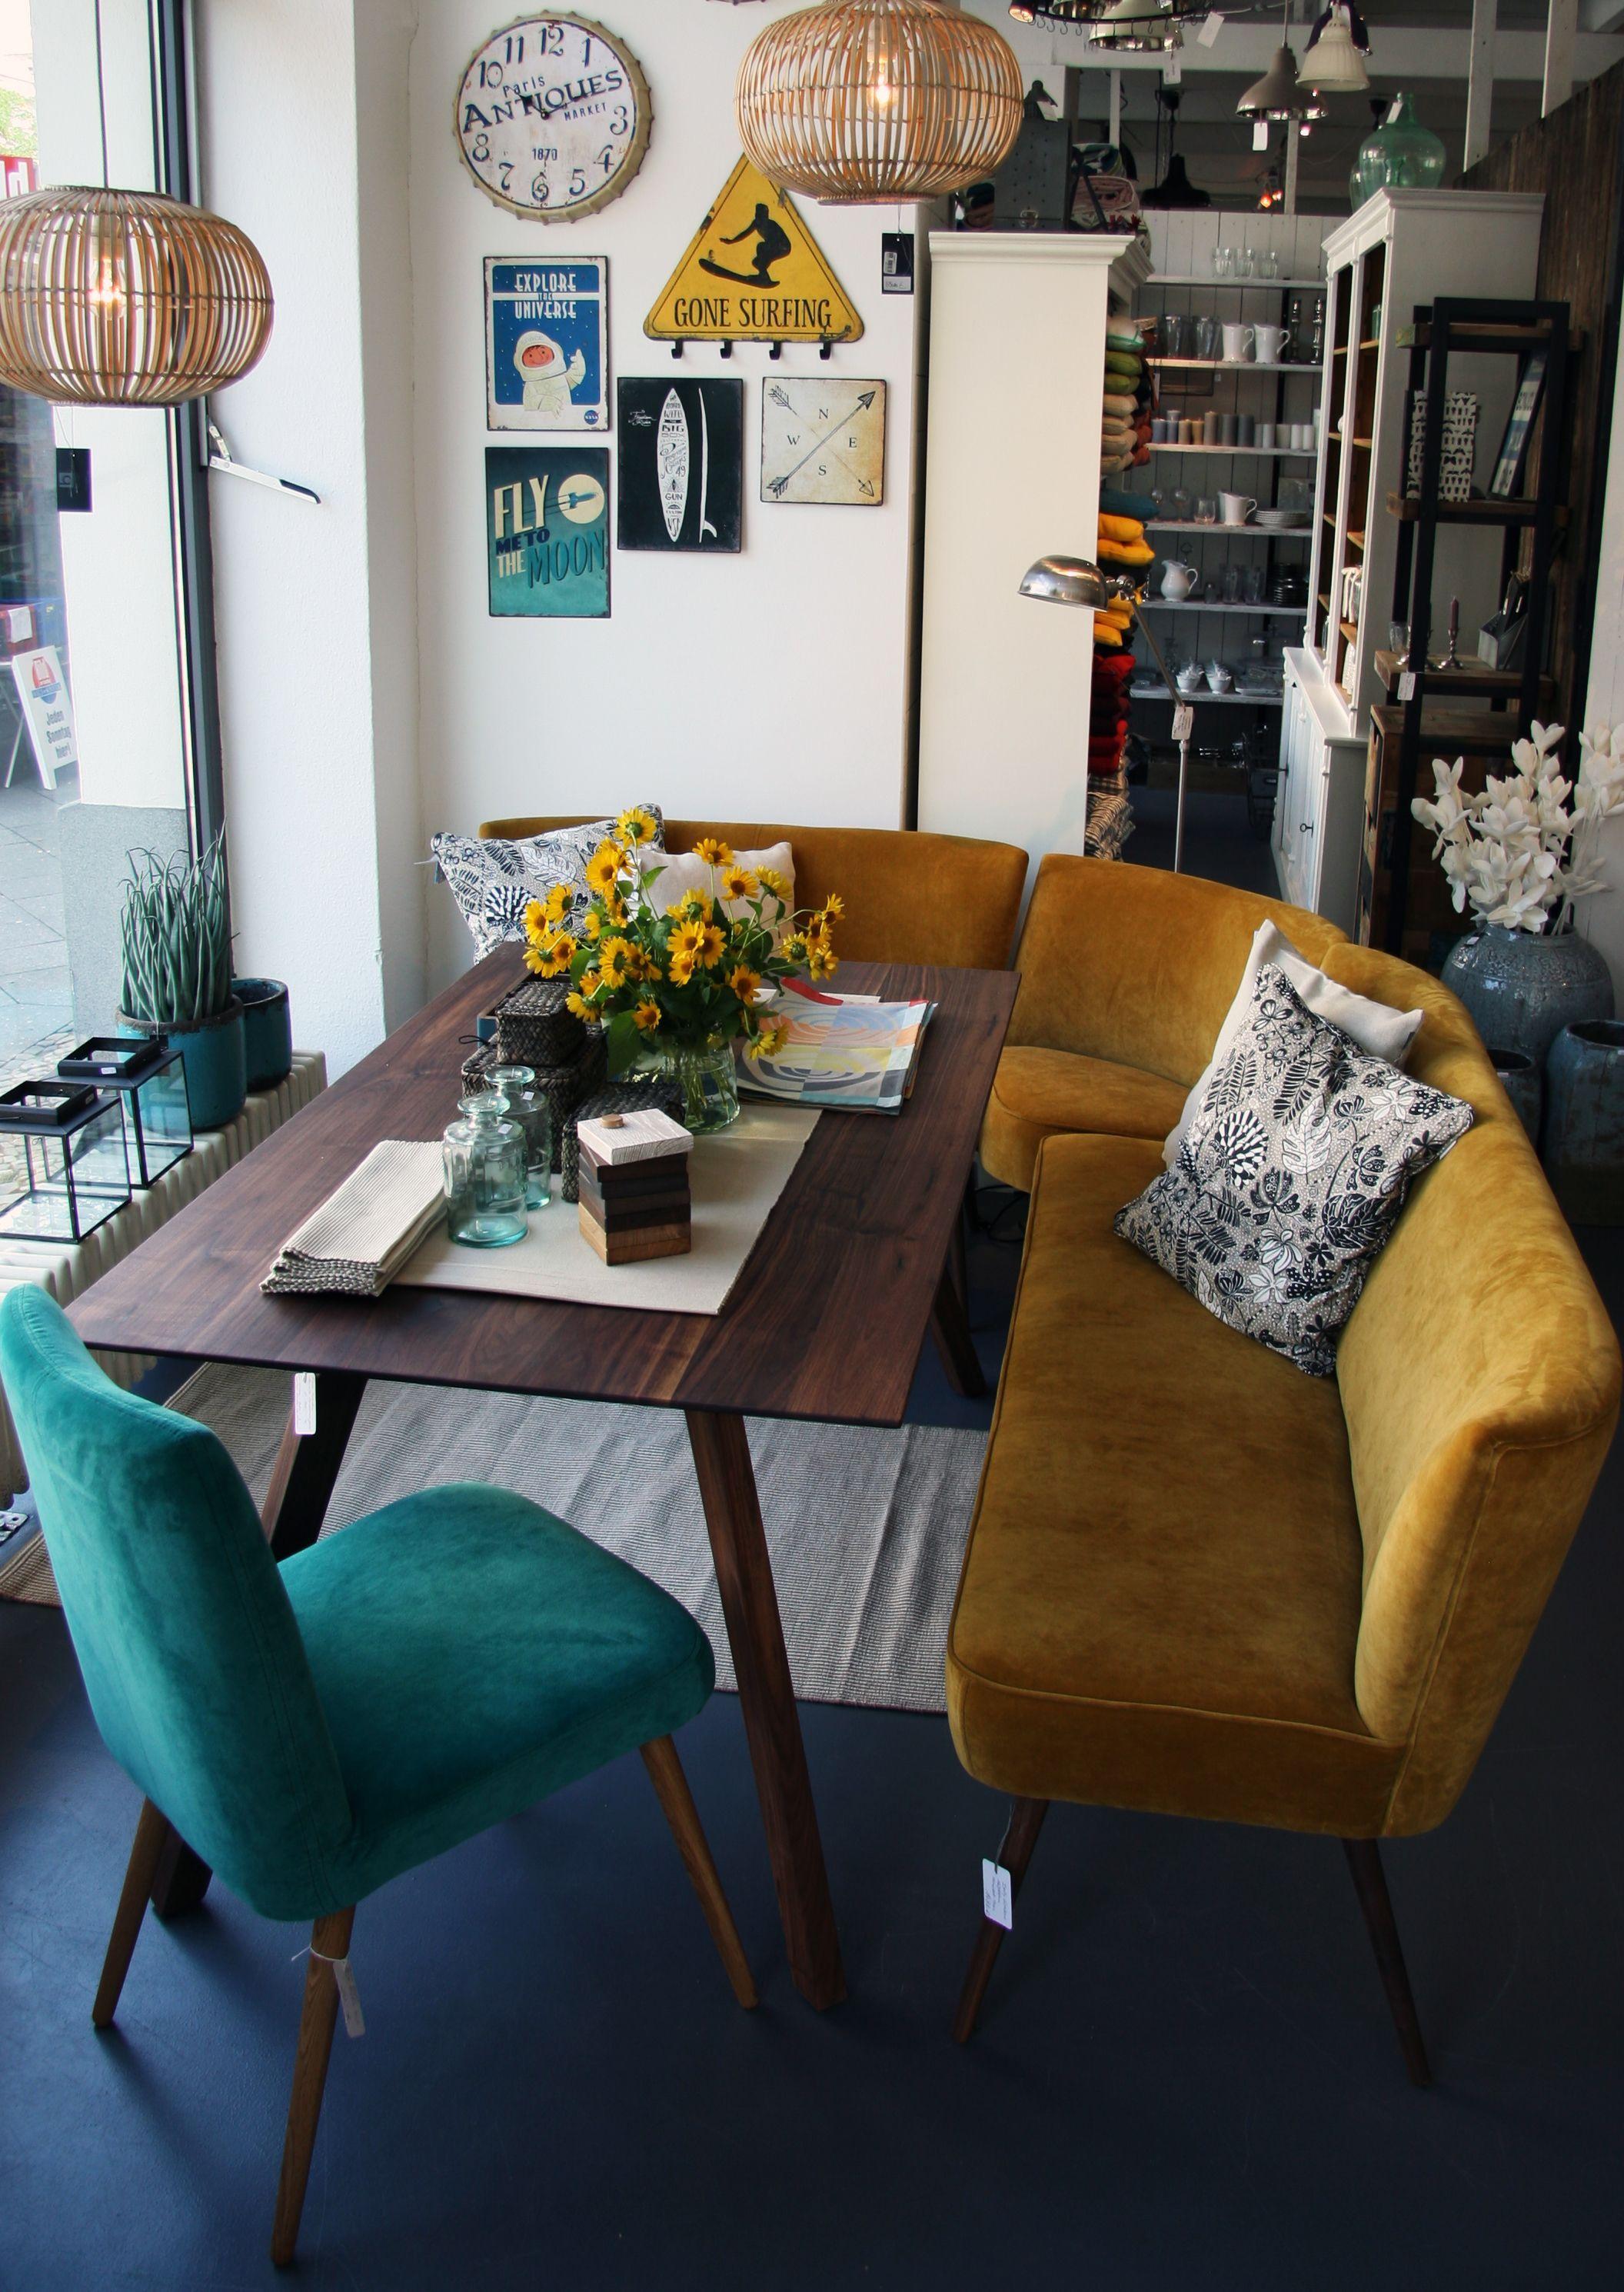 gemtliche Sitzecke  Ideen fr meine Loft  Sitzecke kche Sitzecke und Kchen sofa